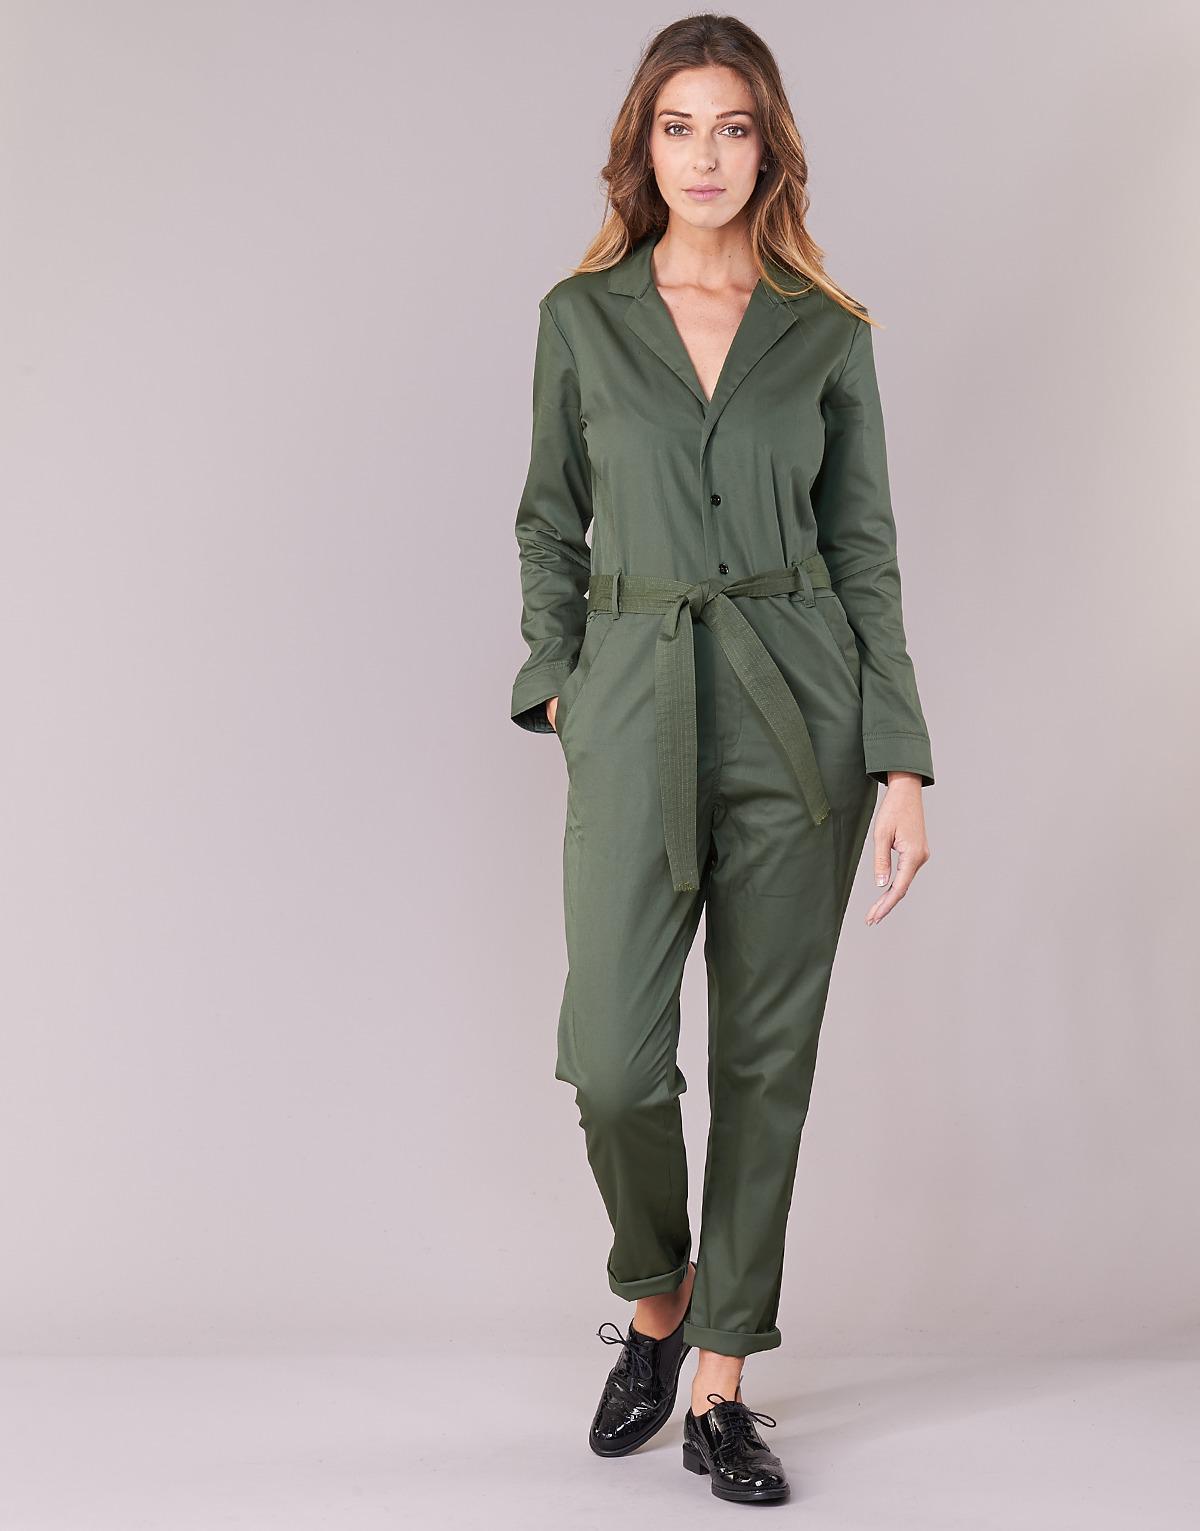 b3a3aff30ef Lyst - DELINE JUMPSUIT WMN L S femmes Combinaisons en vert G-Star RAW en  coloris Vert - 25 % de réduction